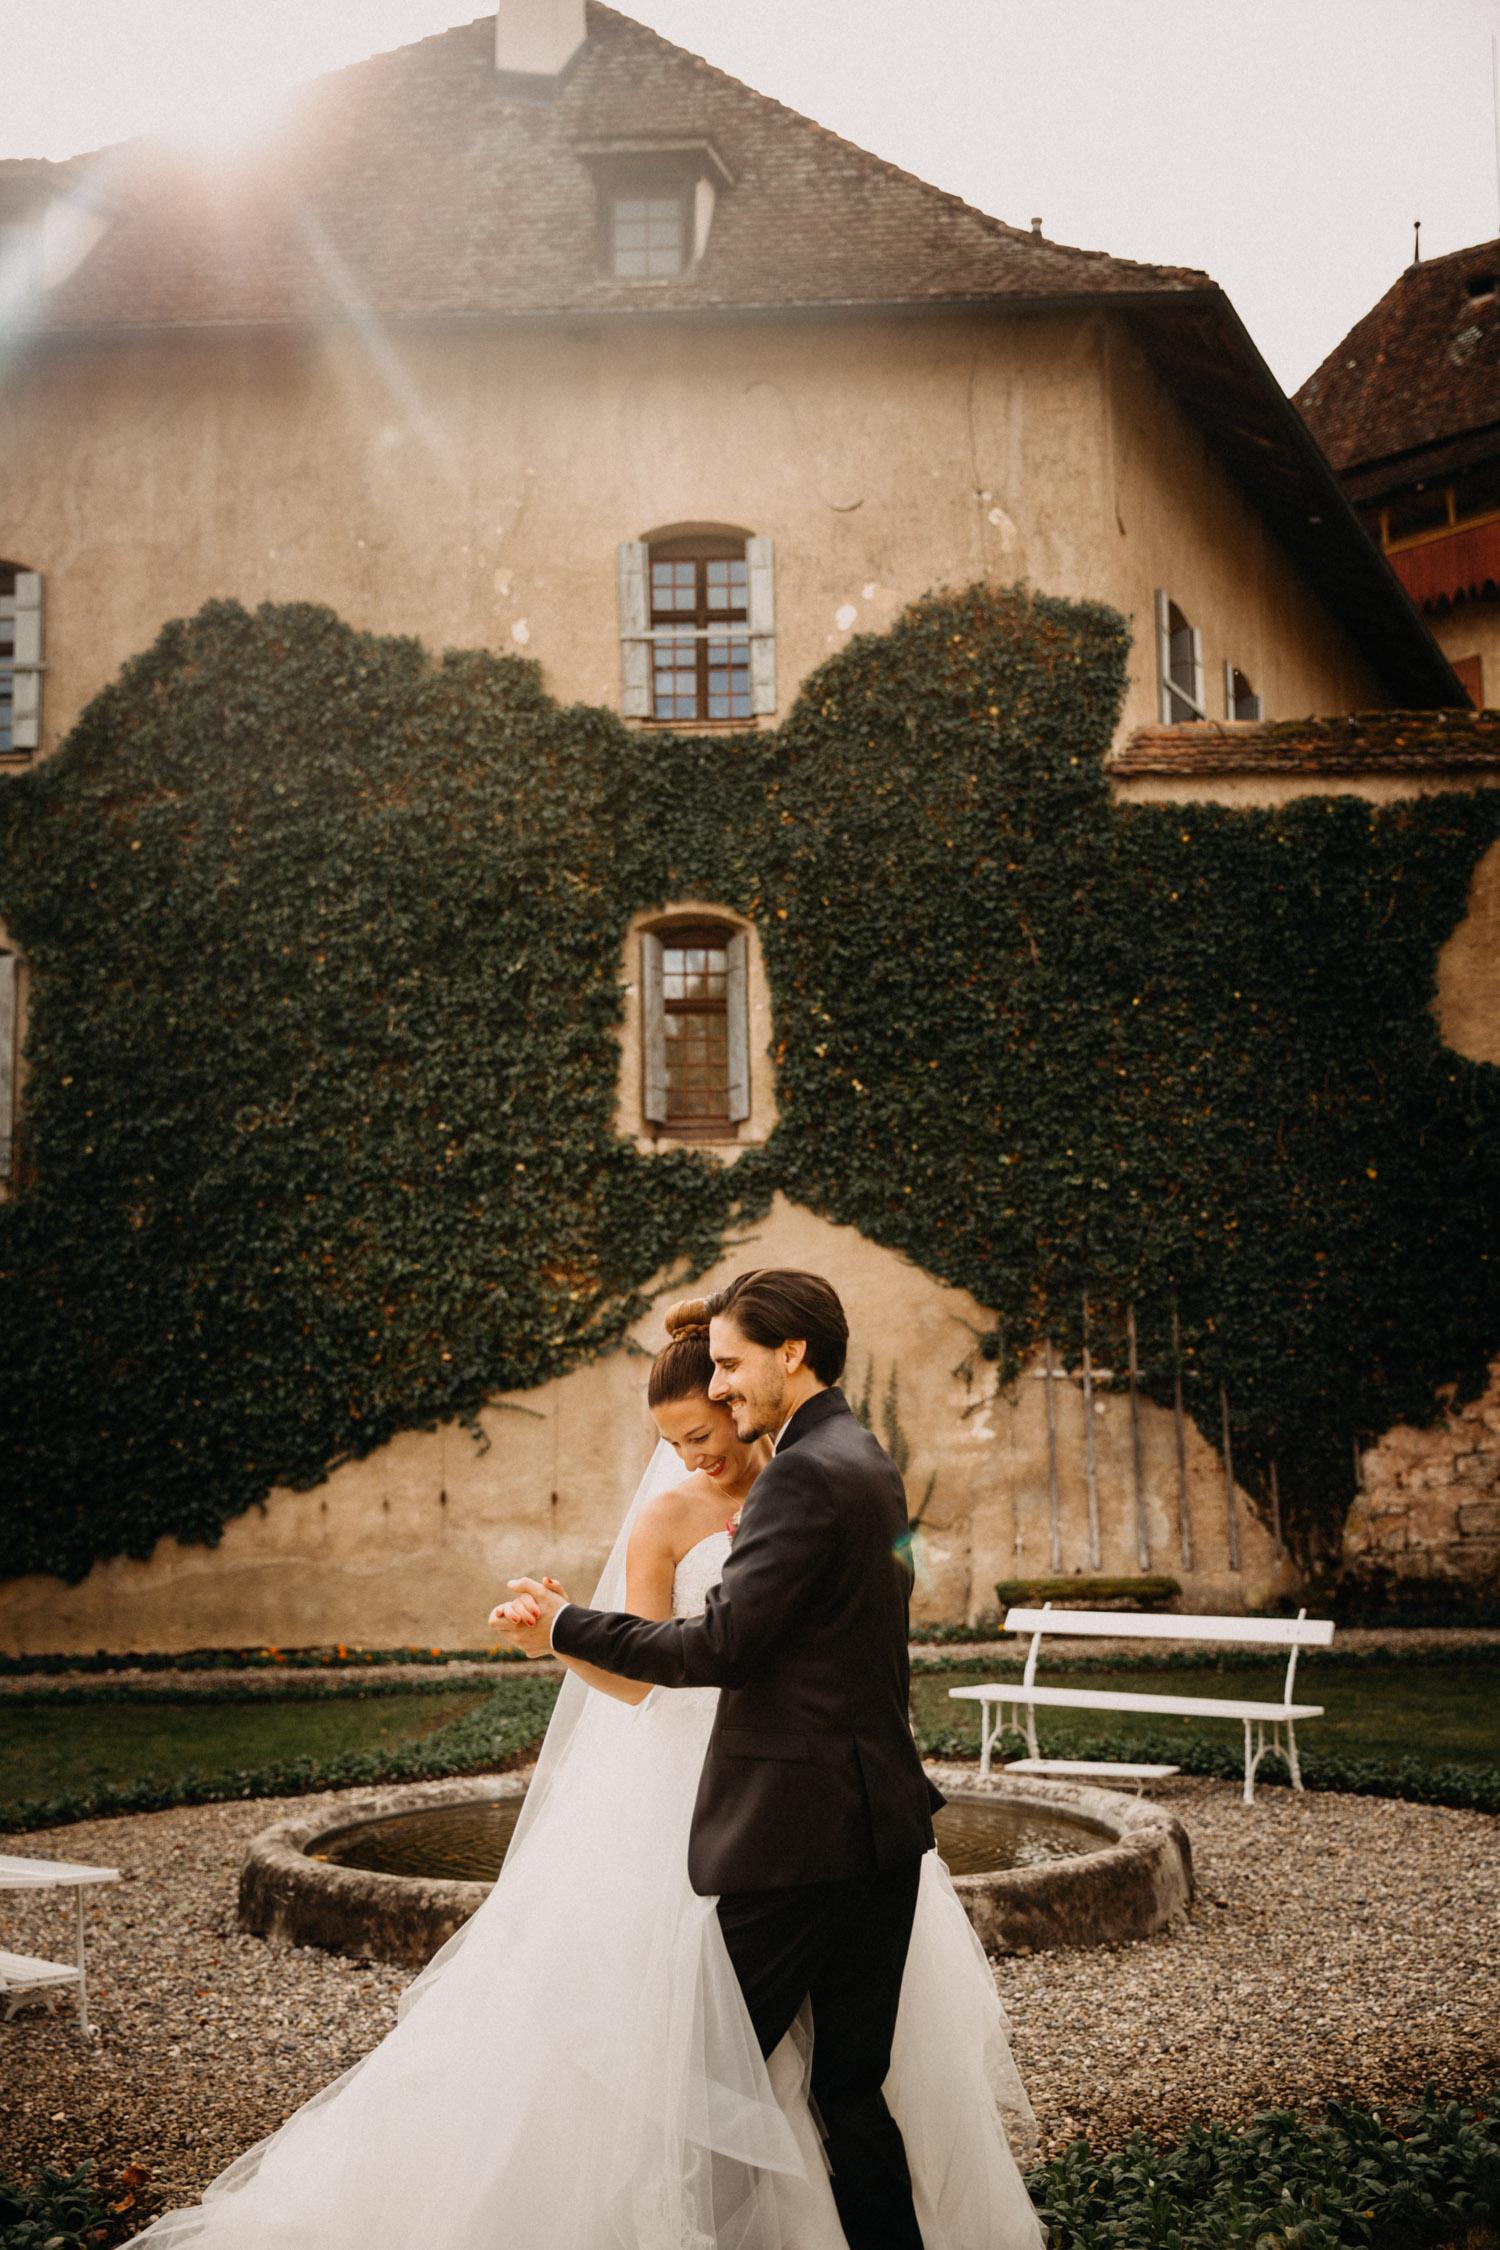 Hochzeitsfotografie Basel Schweiz First Look Braut Bräutigam Schloss Wildenstein natürliche Hochzeitsfotos